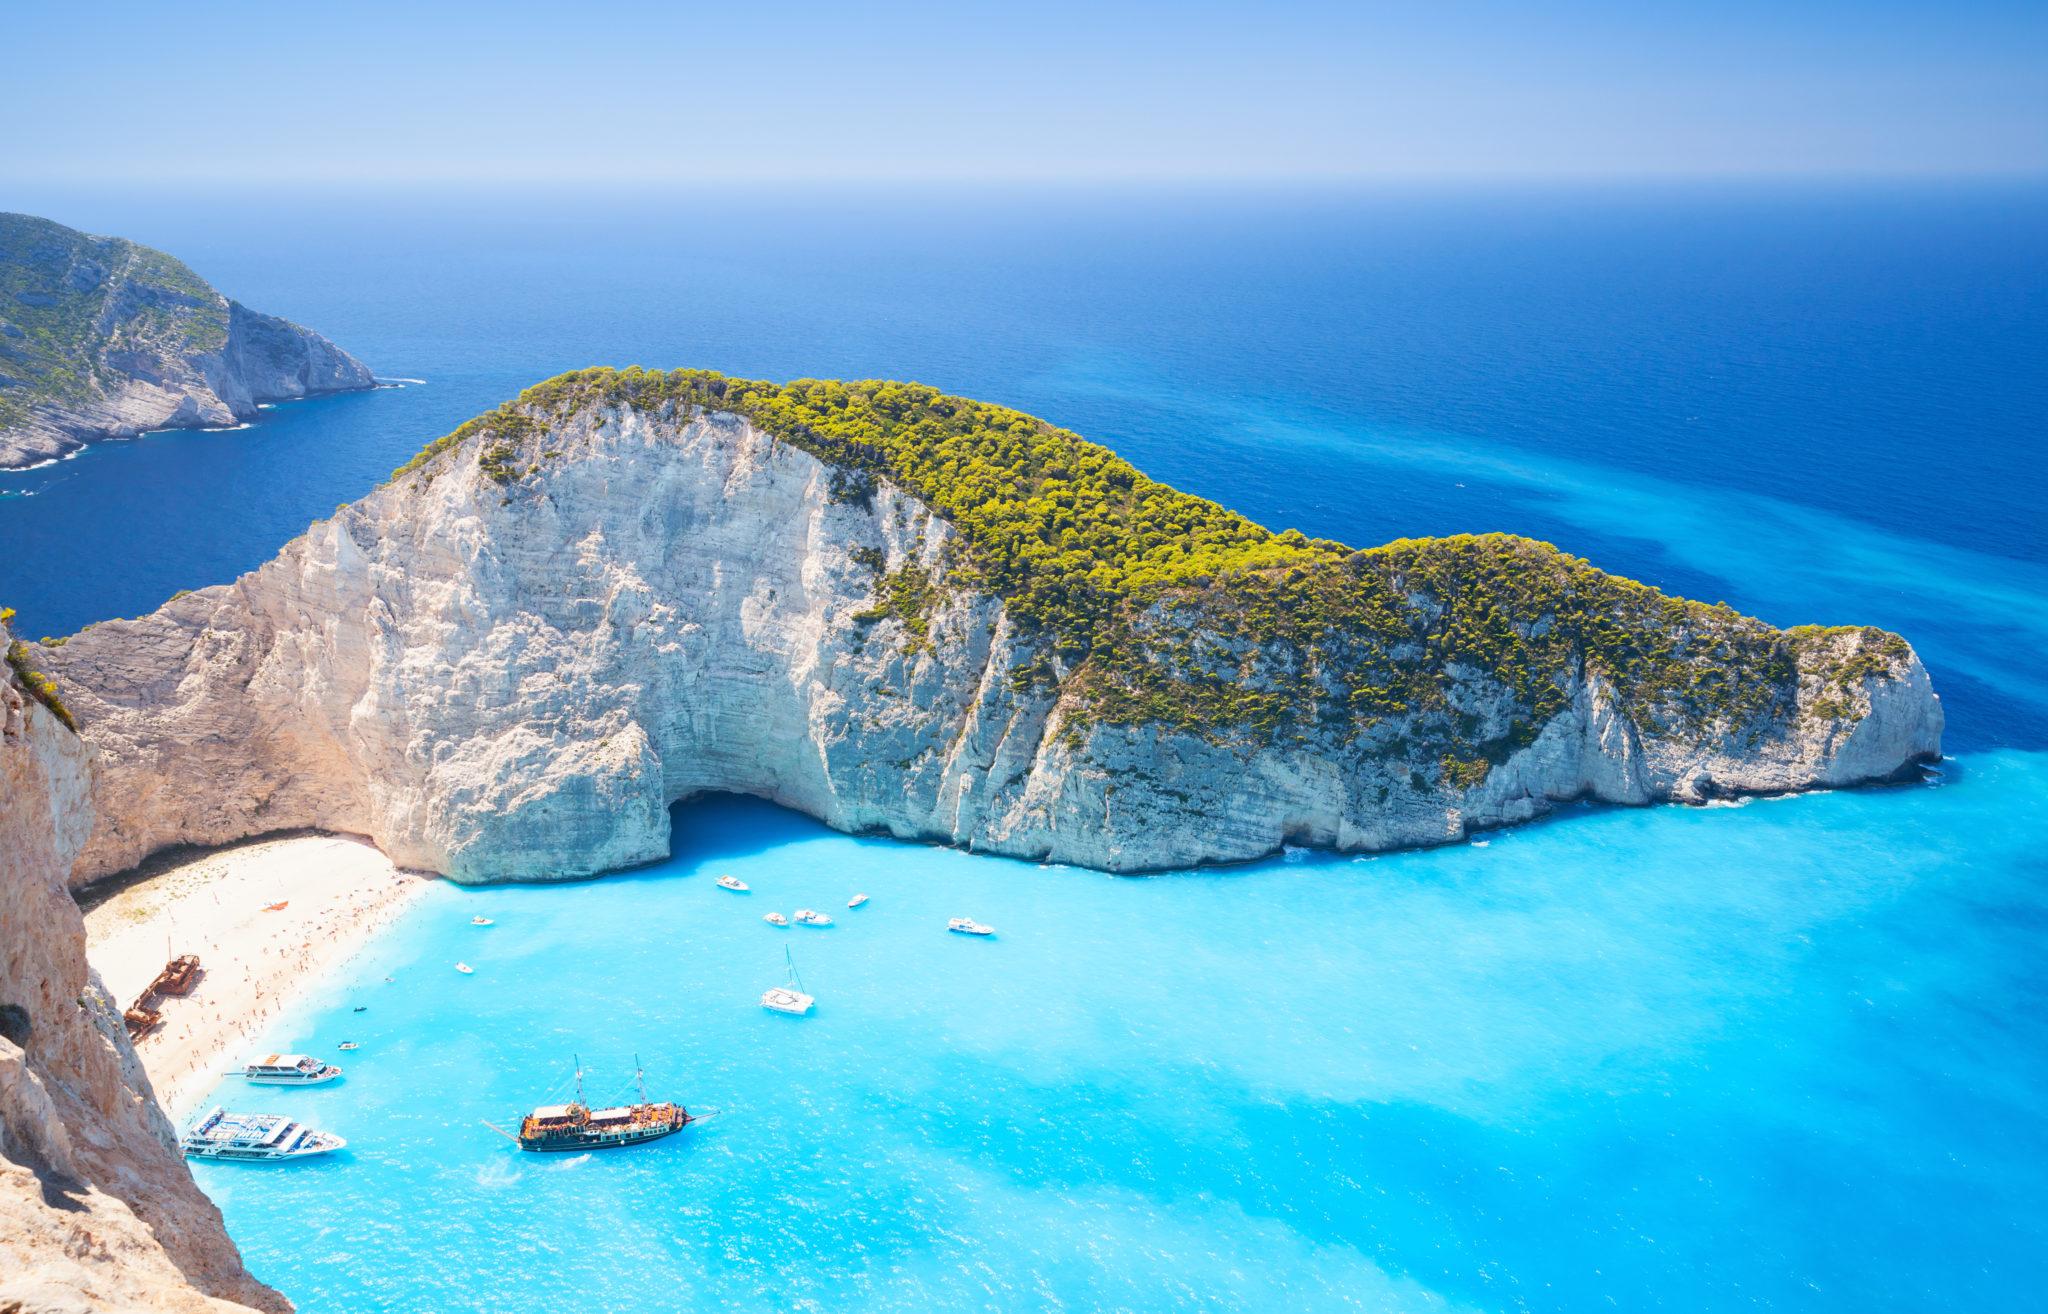 Zakynthos Shipwreck Bay